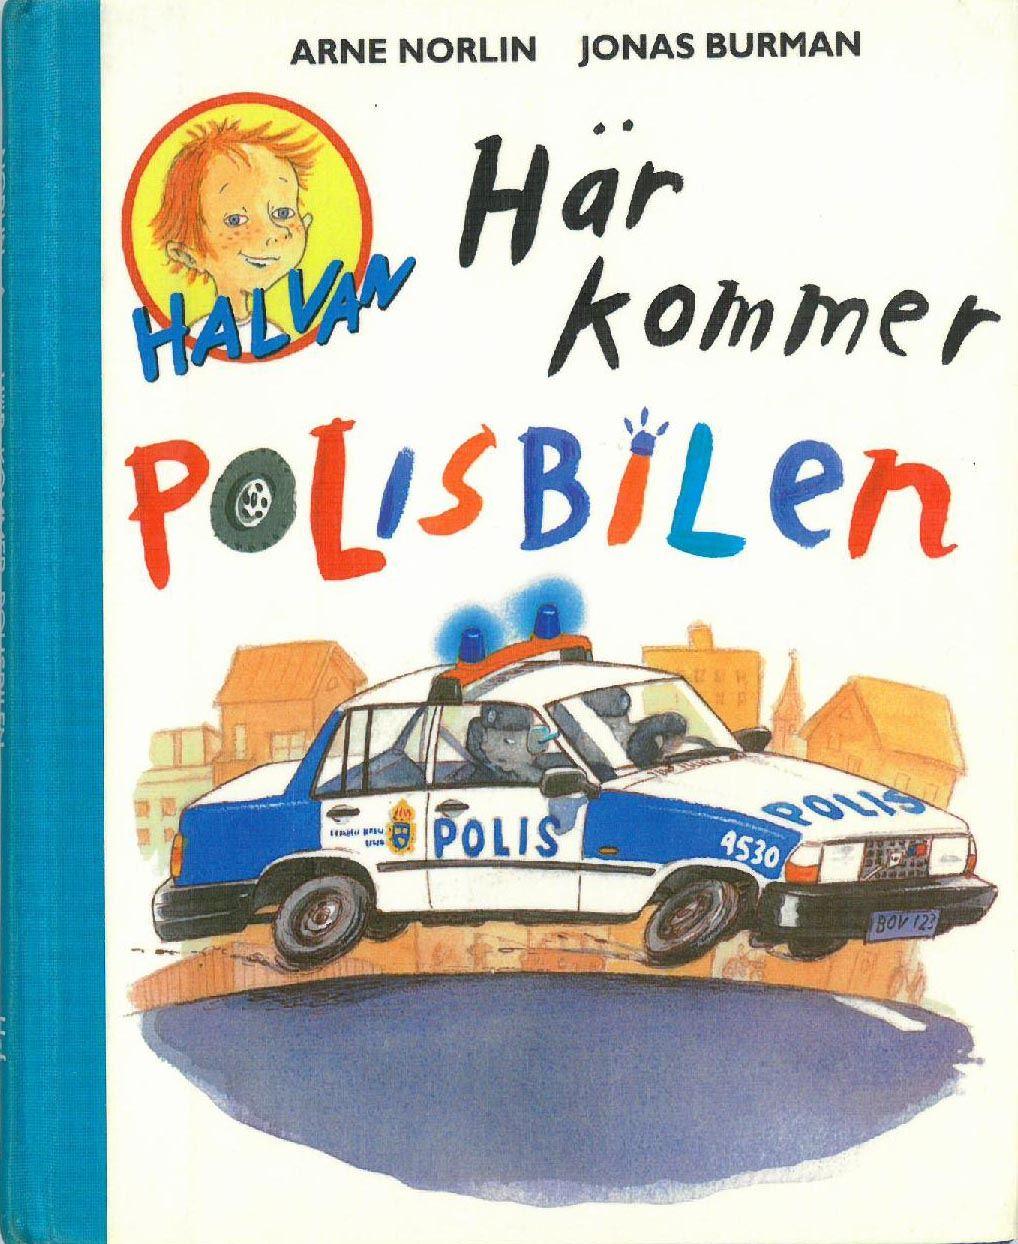 Boken Här kommer polisbilen